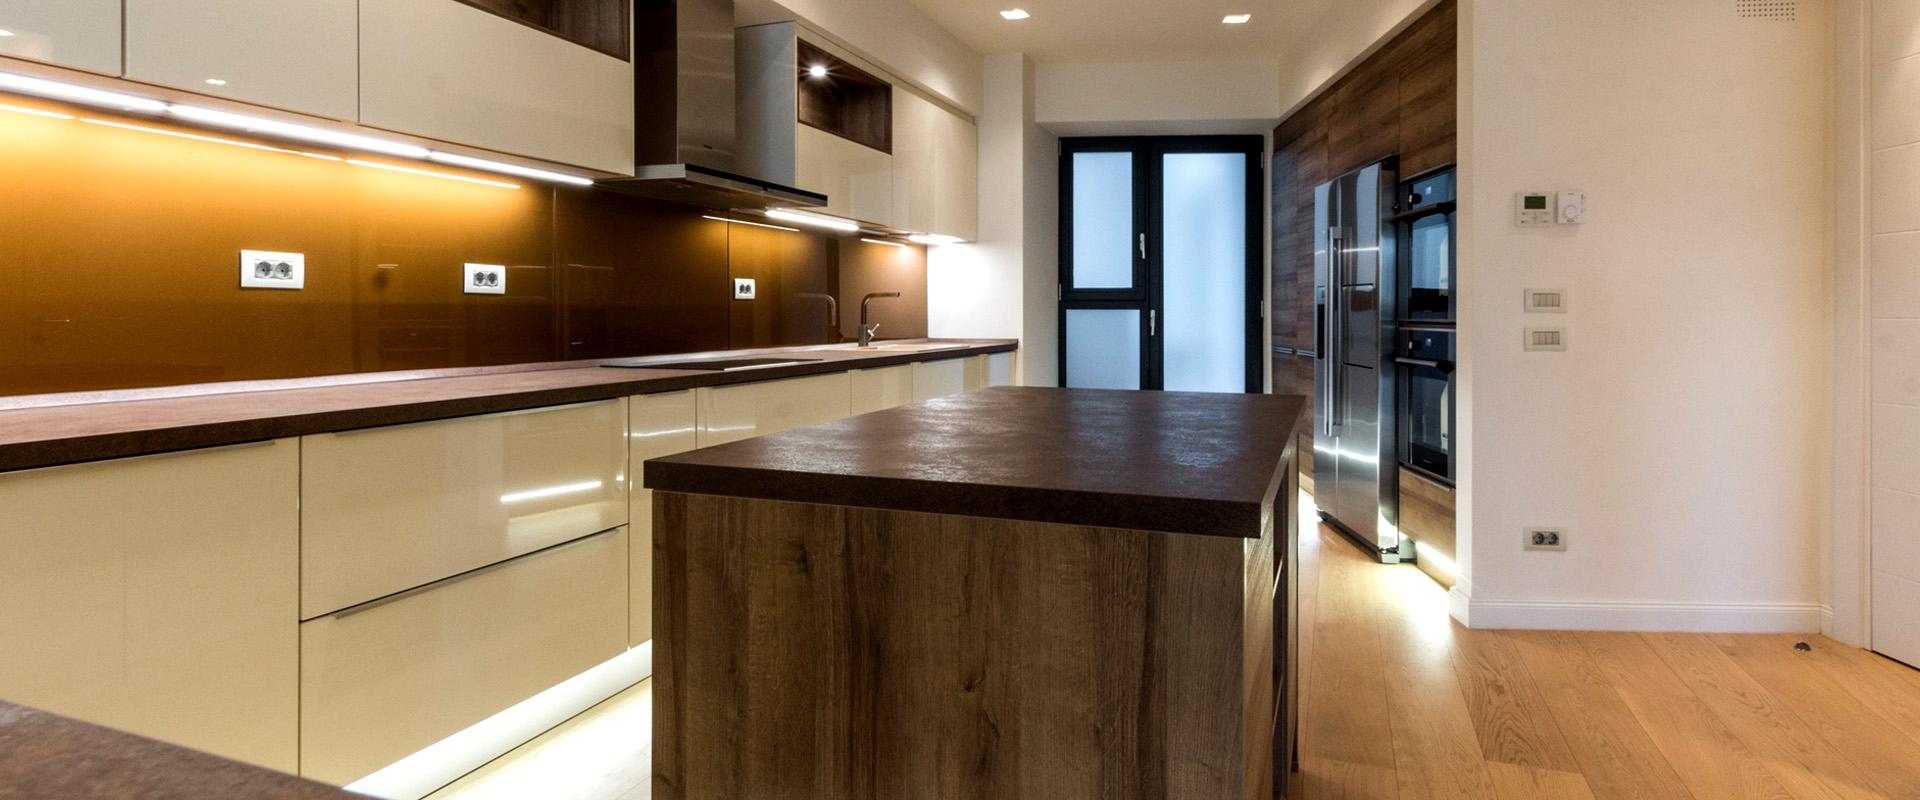 Vanzare apartament 4 camere | Extravagant, Unic, Locatie de exceptie | Primaverii [ID: 1064370]